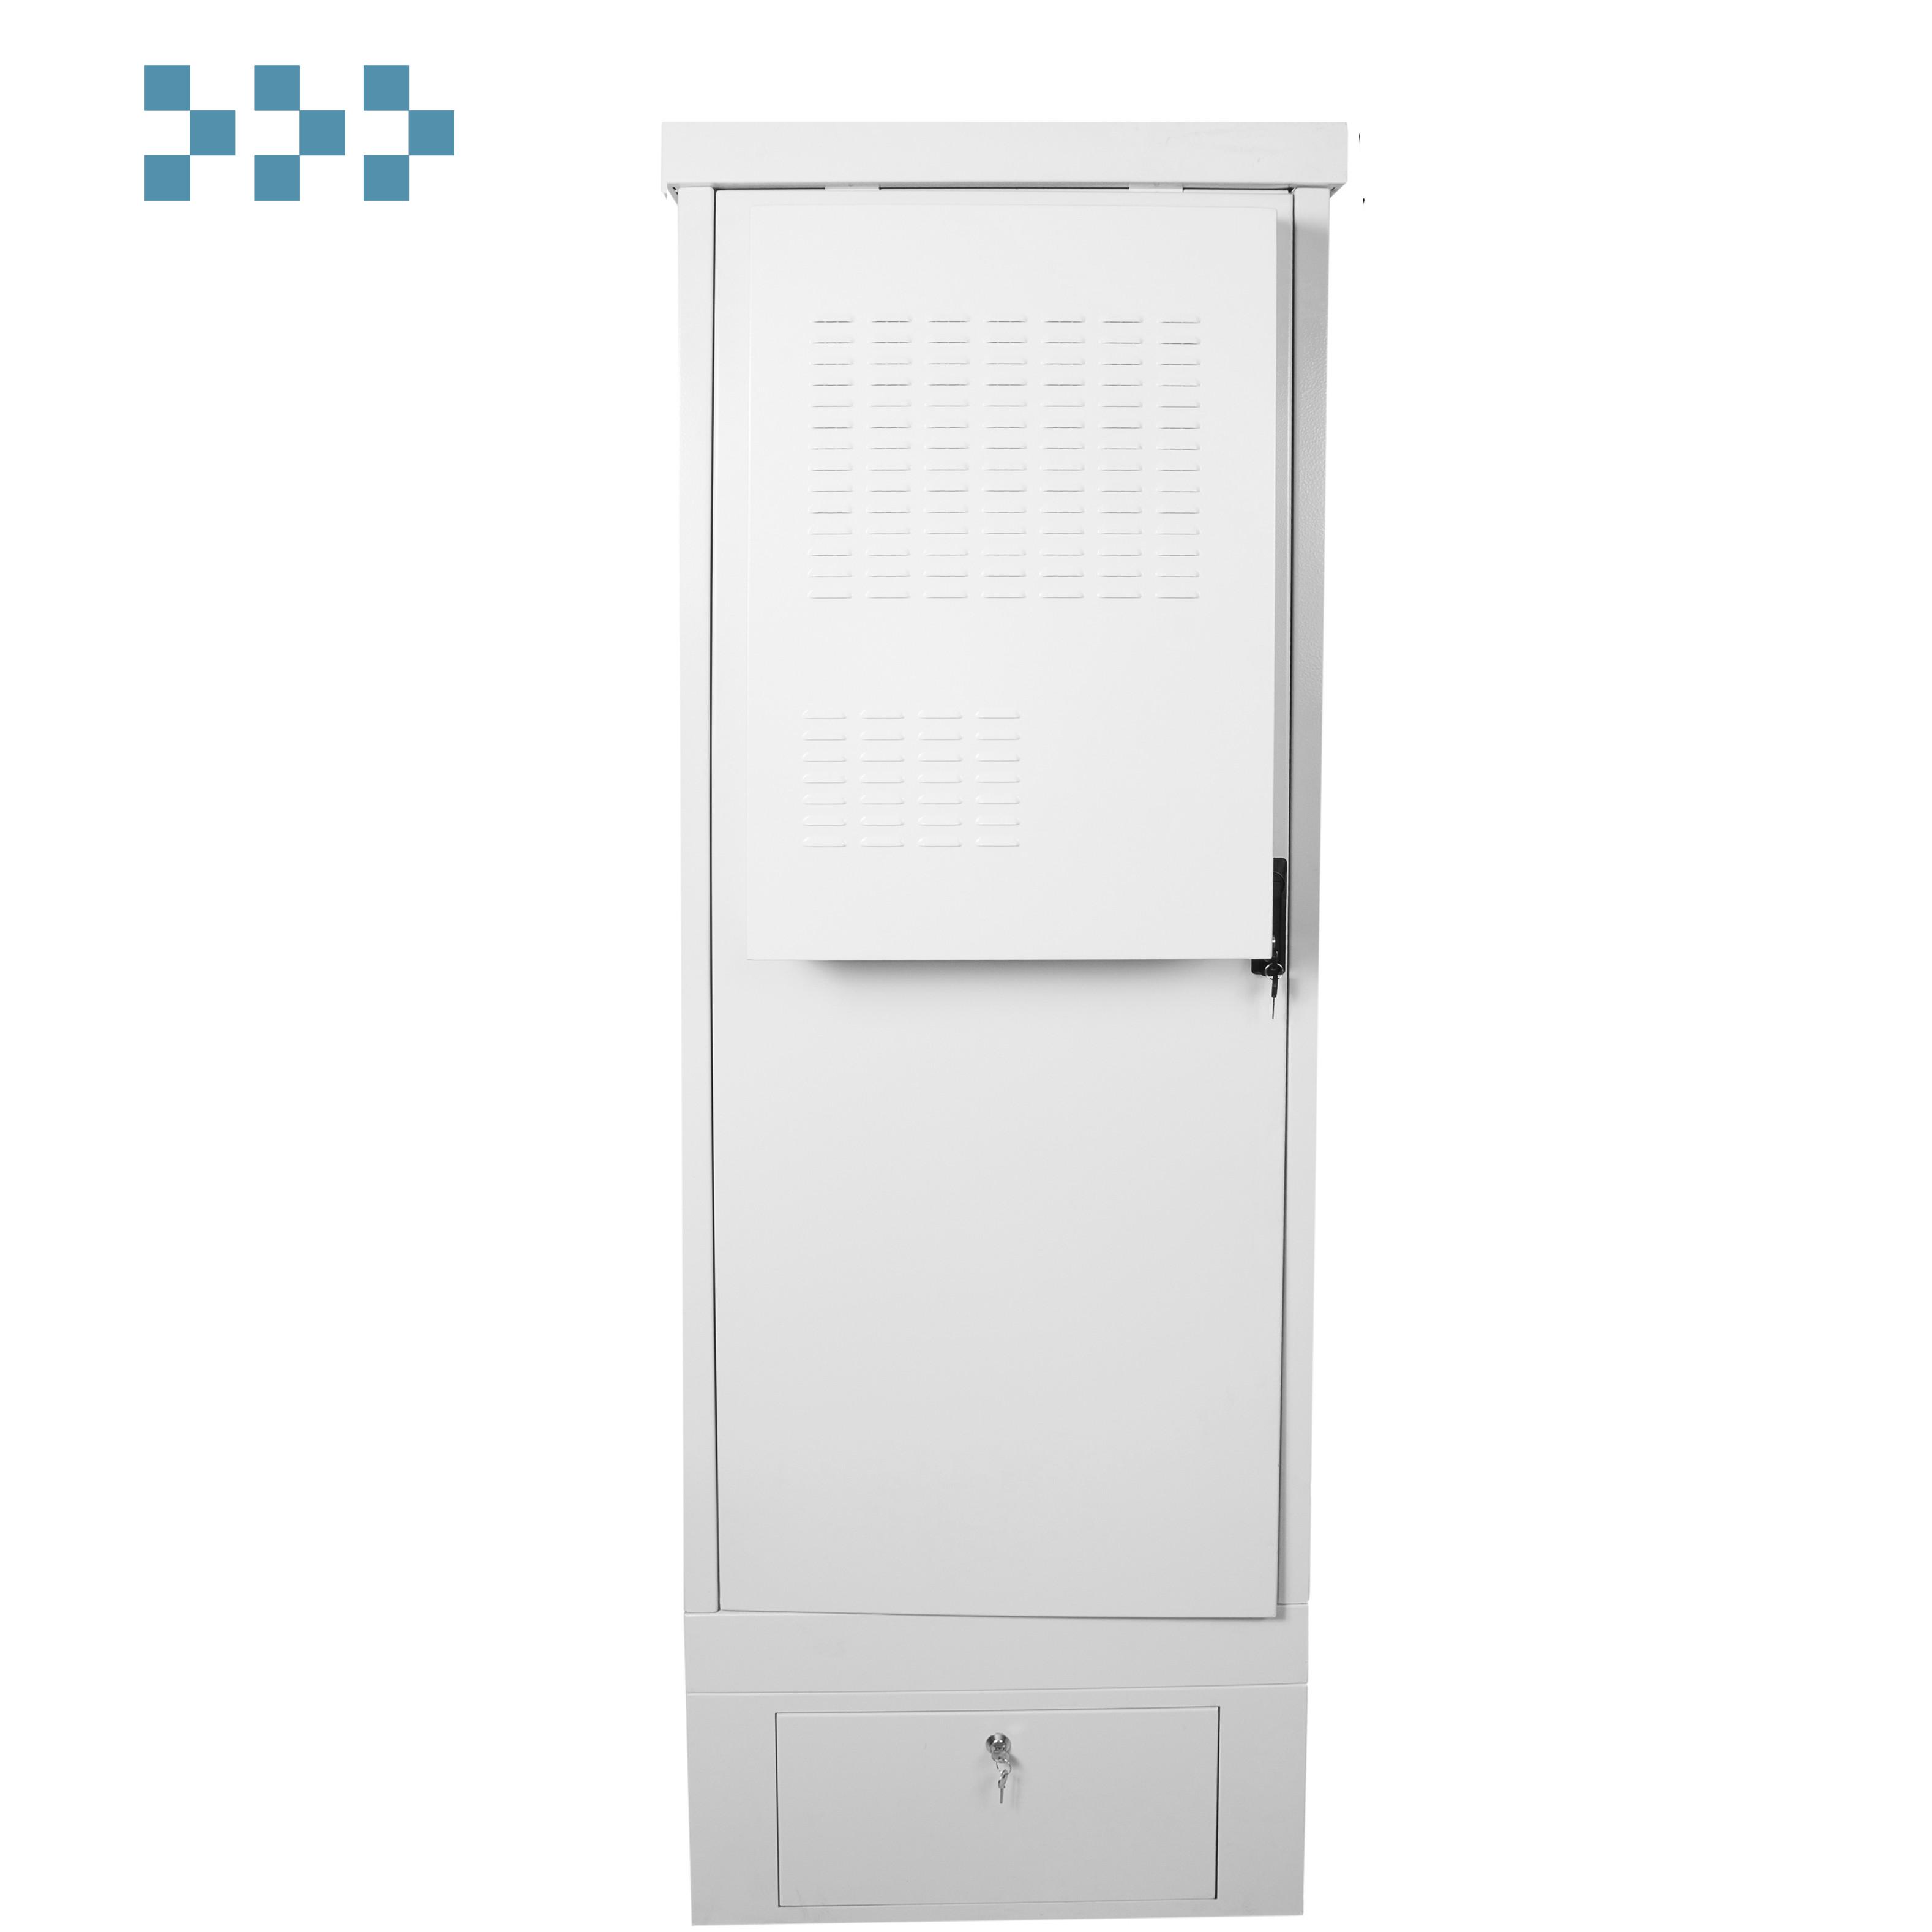 Шкаф уличный всепогодный напольный ЦМО ШТВ-1-36.7.9-К3АА-ТК